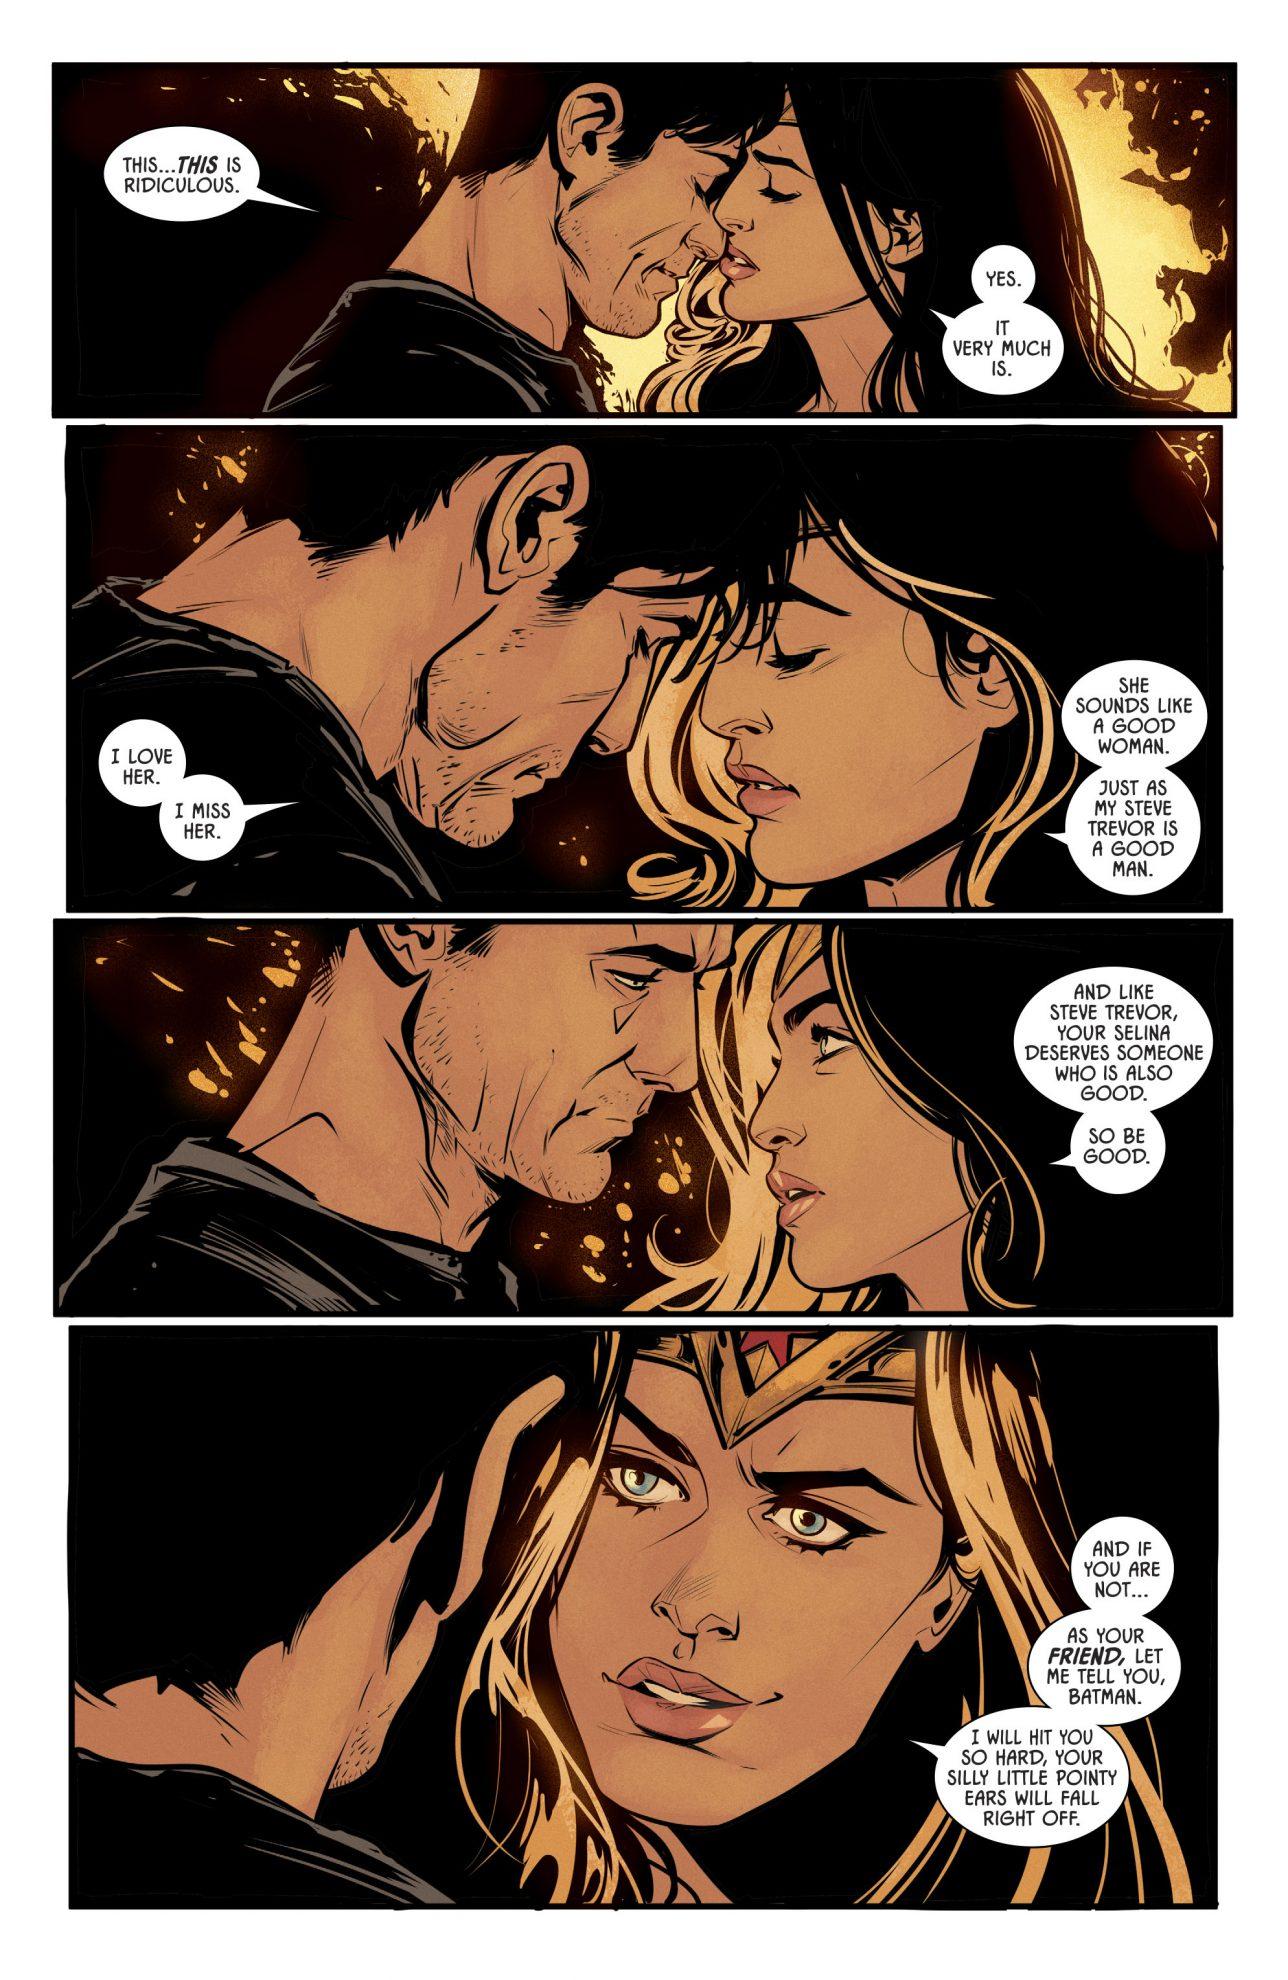 woman wonder kissing and Batman